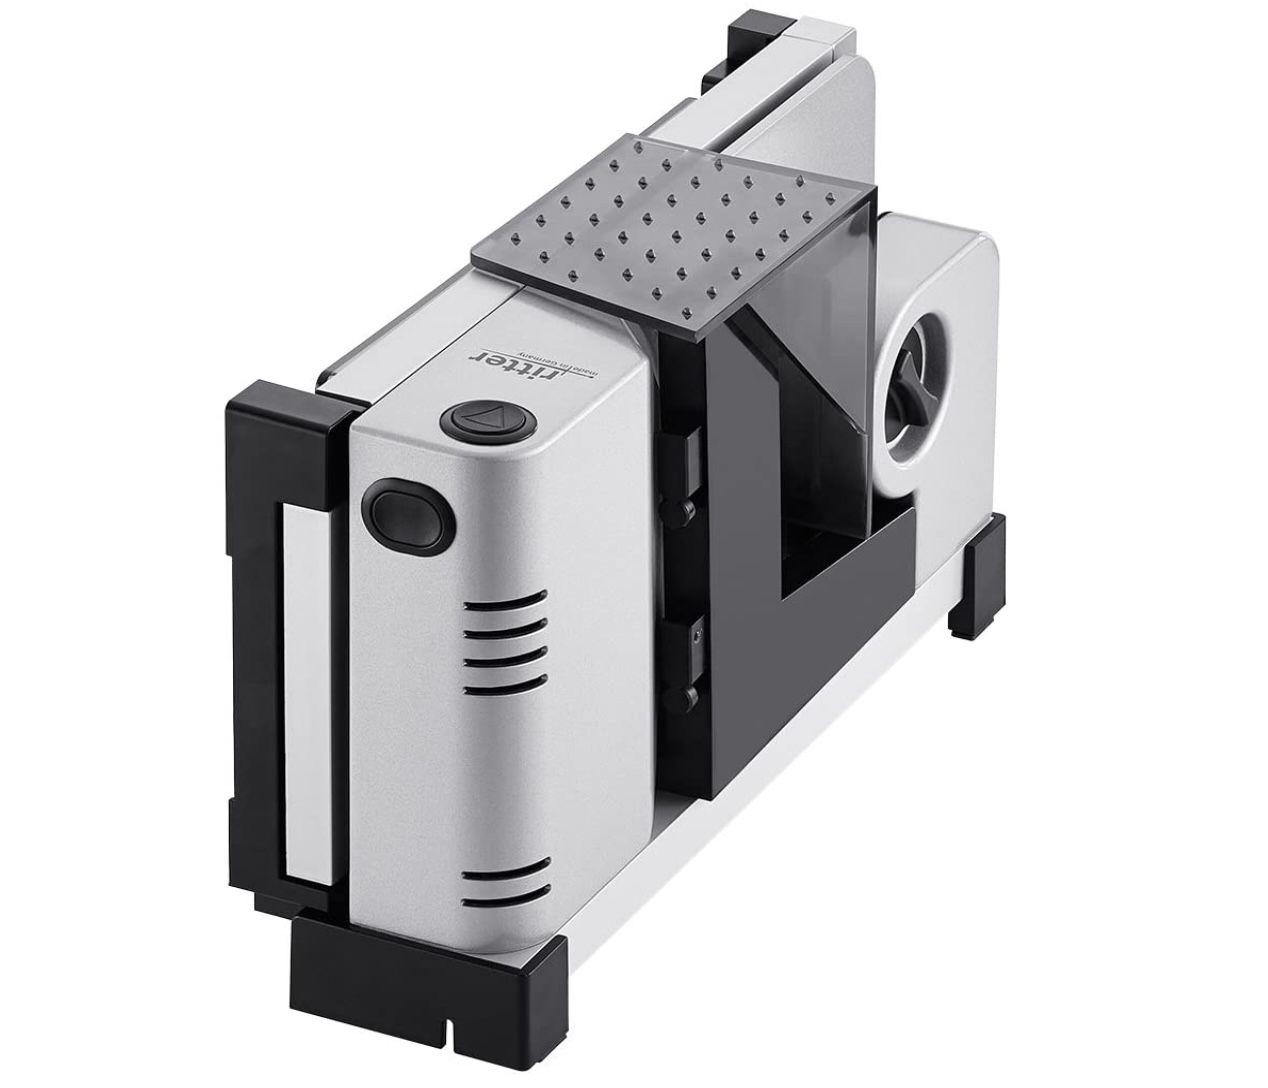 ritter icaro 7 elektrischer Allesschneider mit ECO Motor für 136,96€ (statt 163€)